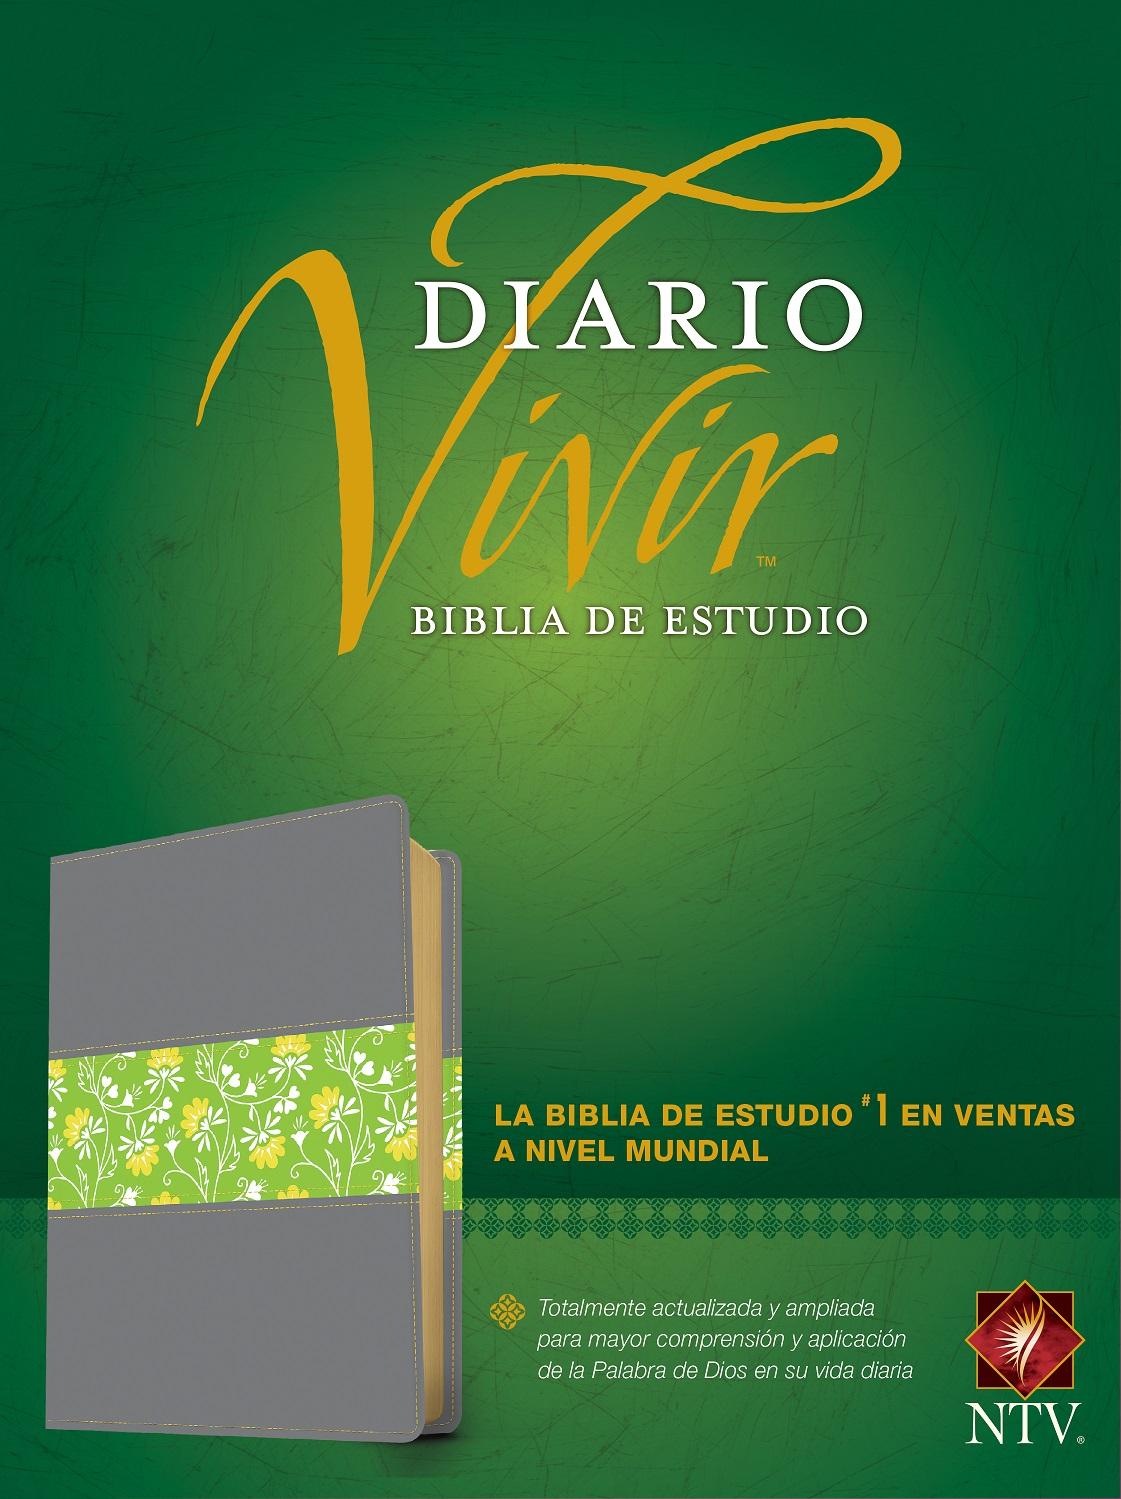 Biblia de estudio del diario vivir NTV Verde/Gris